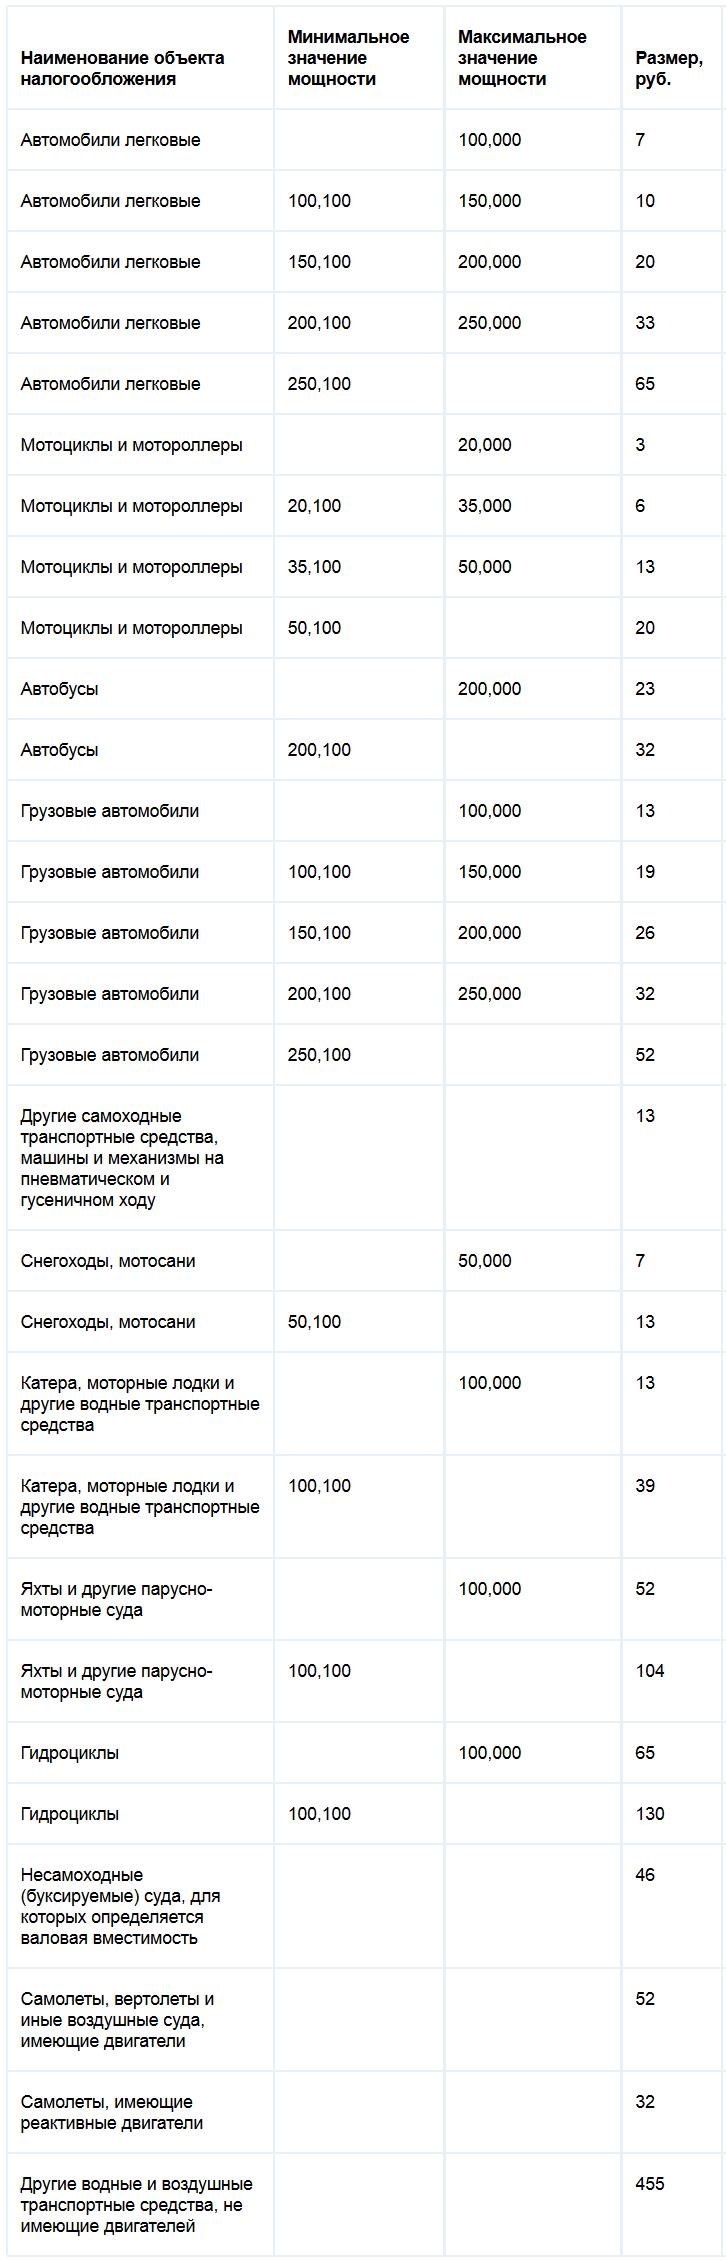 Ставки транспортного налога красноярском крае разработка и составление графиков доставки перевозимых грузов на морском транспорте